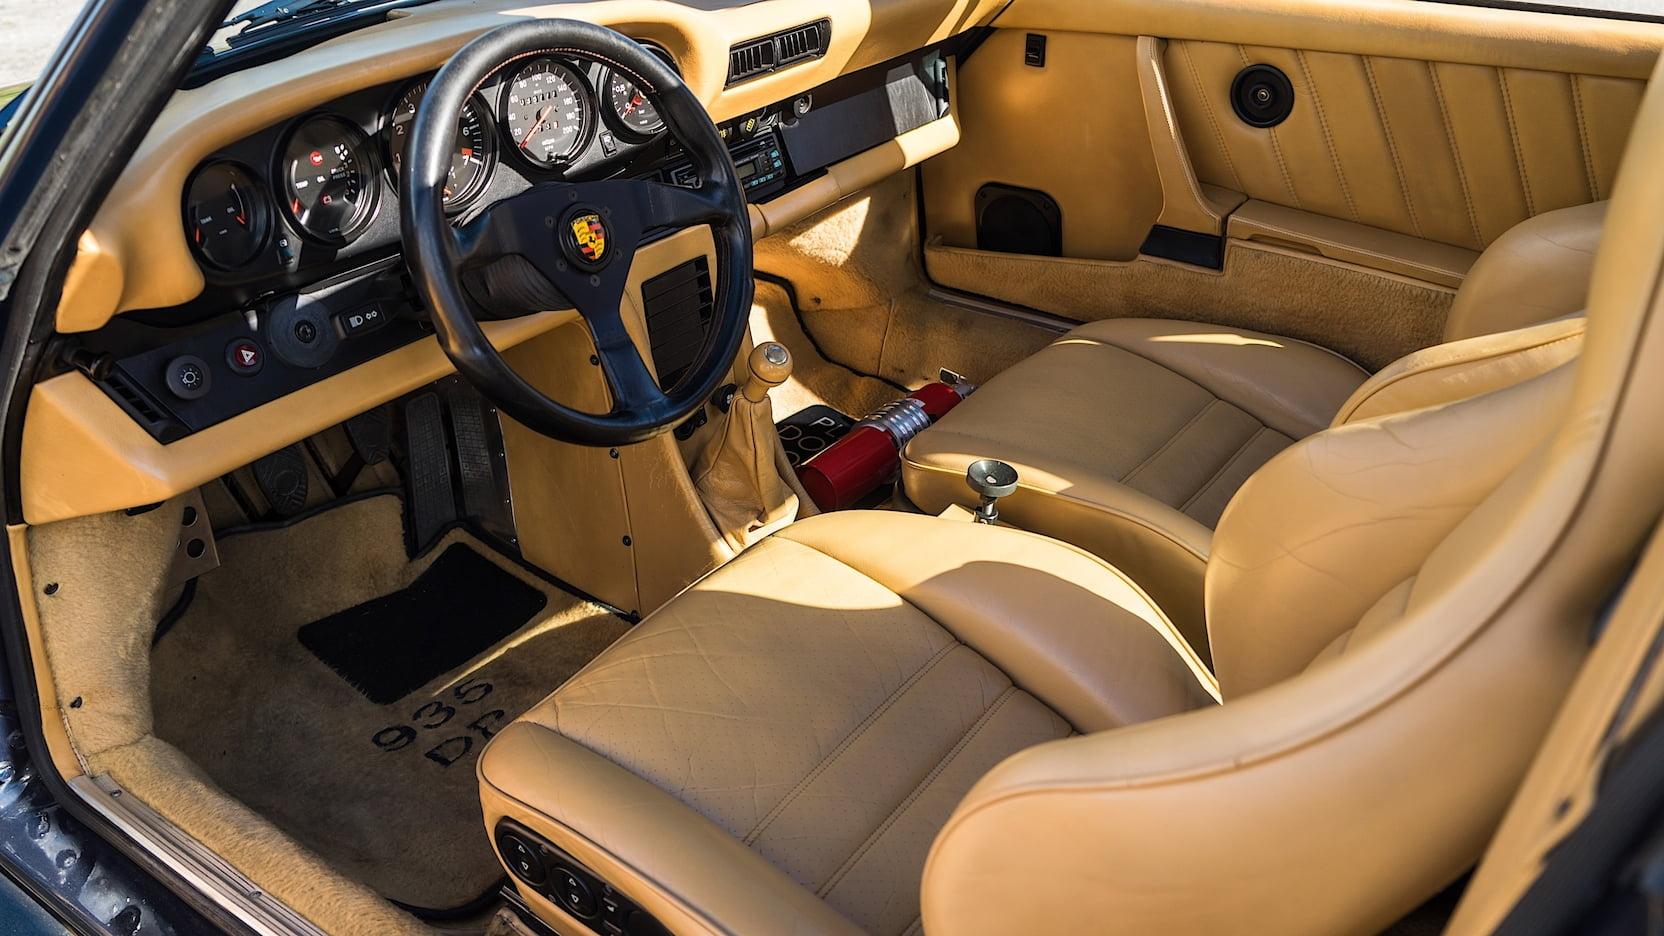 1985 Porsche 930 Turbo 935 DP Motorsports interior